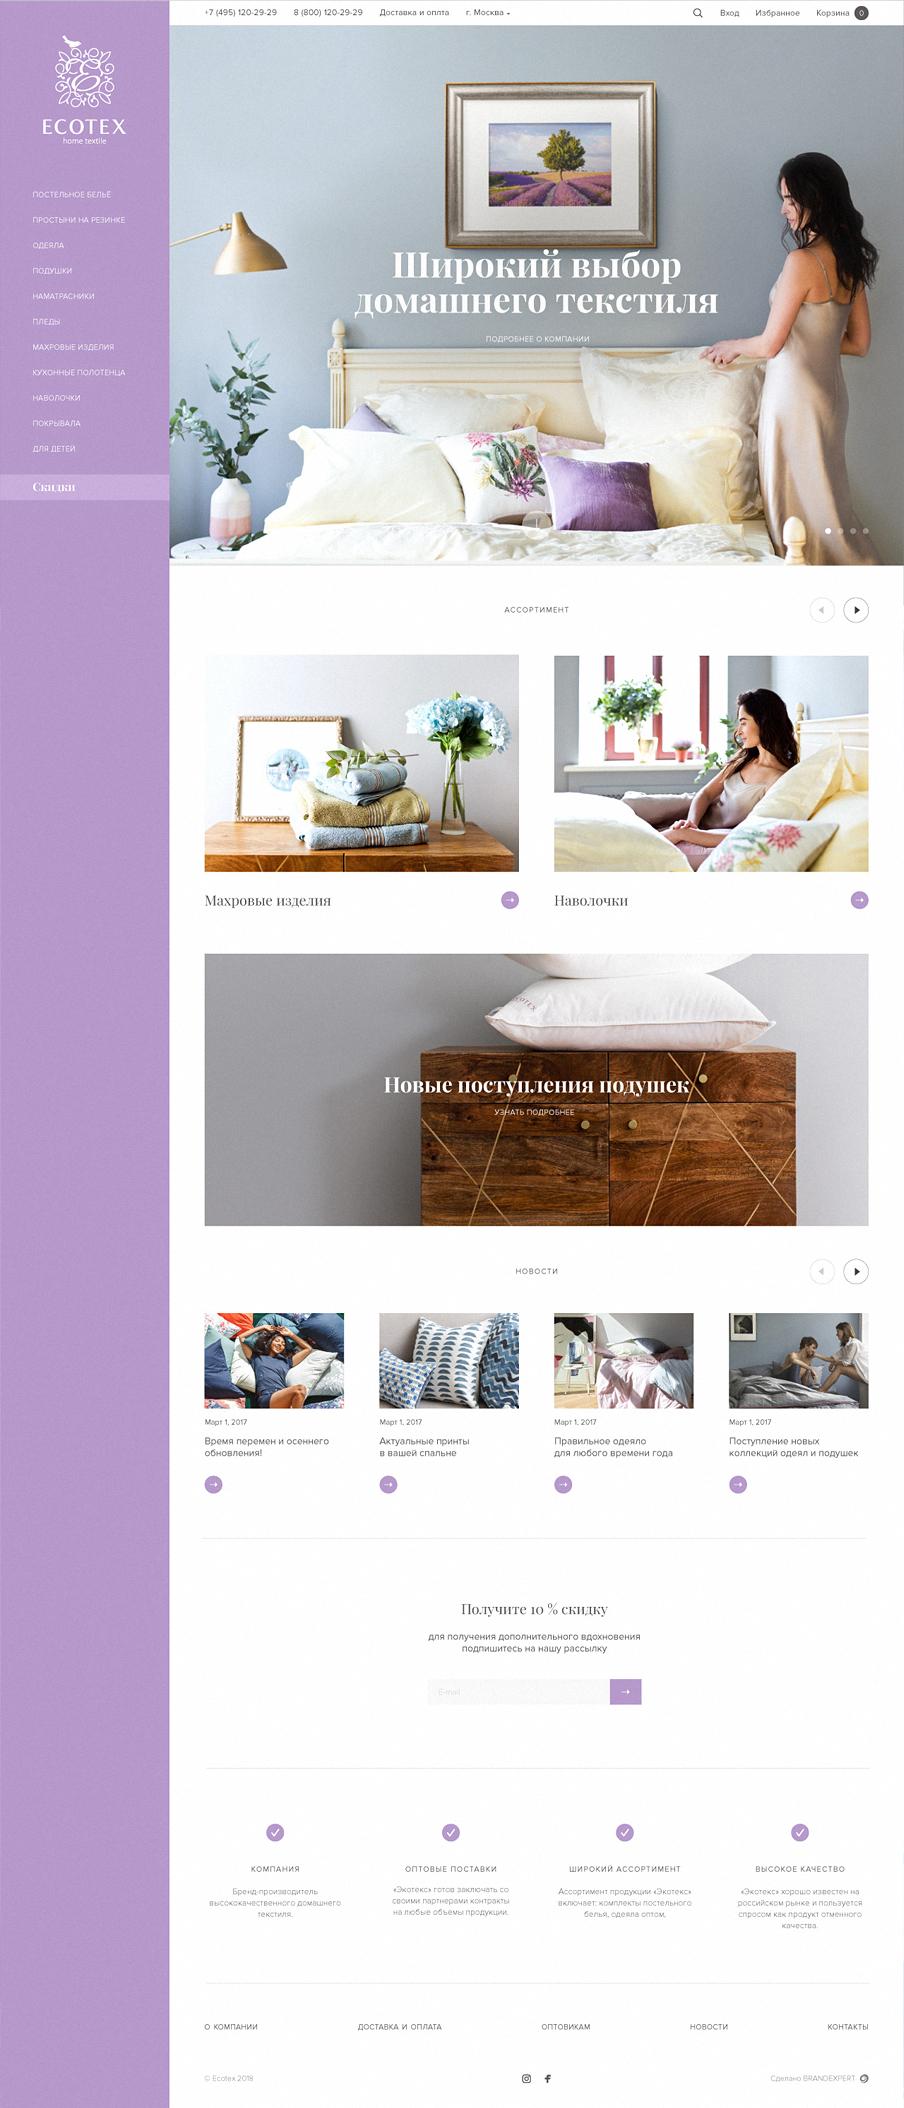 Дизайн и разработка сайта Ecotex с учетом обновленного дизайна логотипа и фирменного стиля